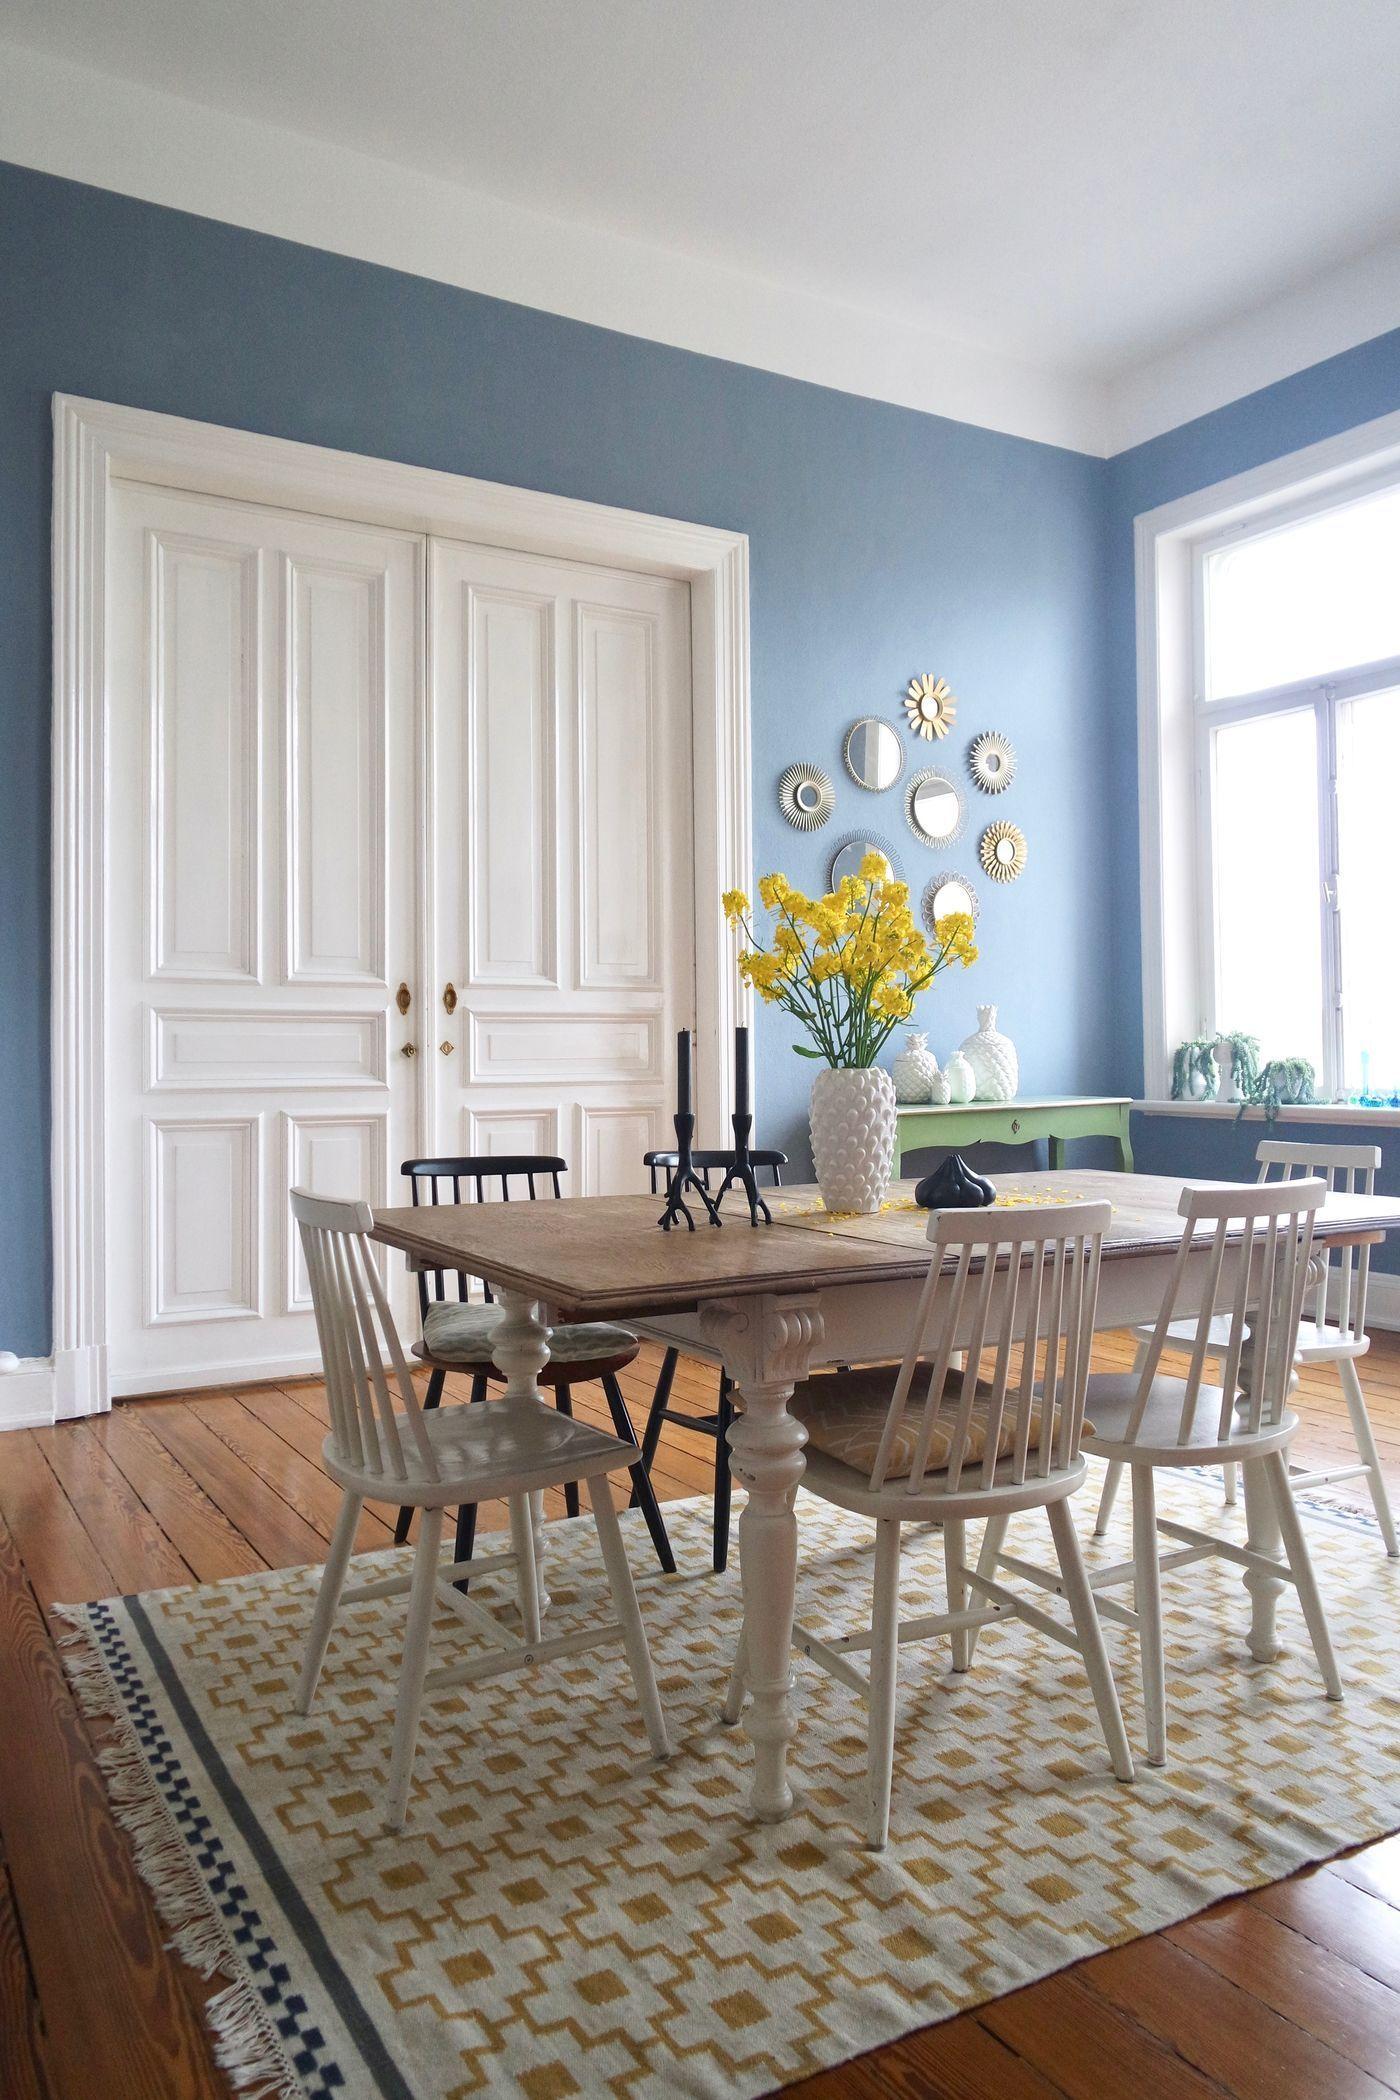 Deko Hellblau Wohnzimmer  Esszimmerstühle, Altbau wohnzimmer